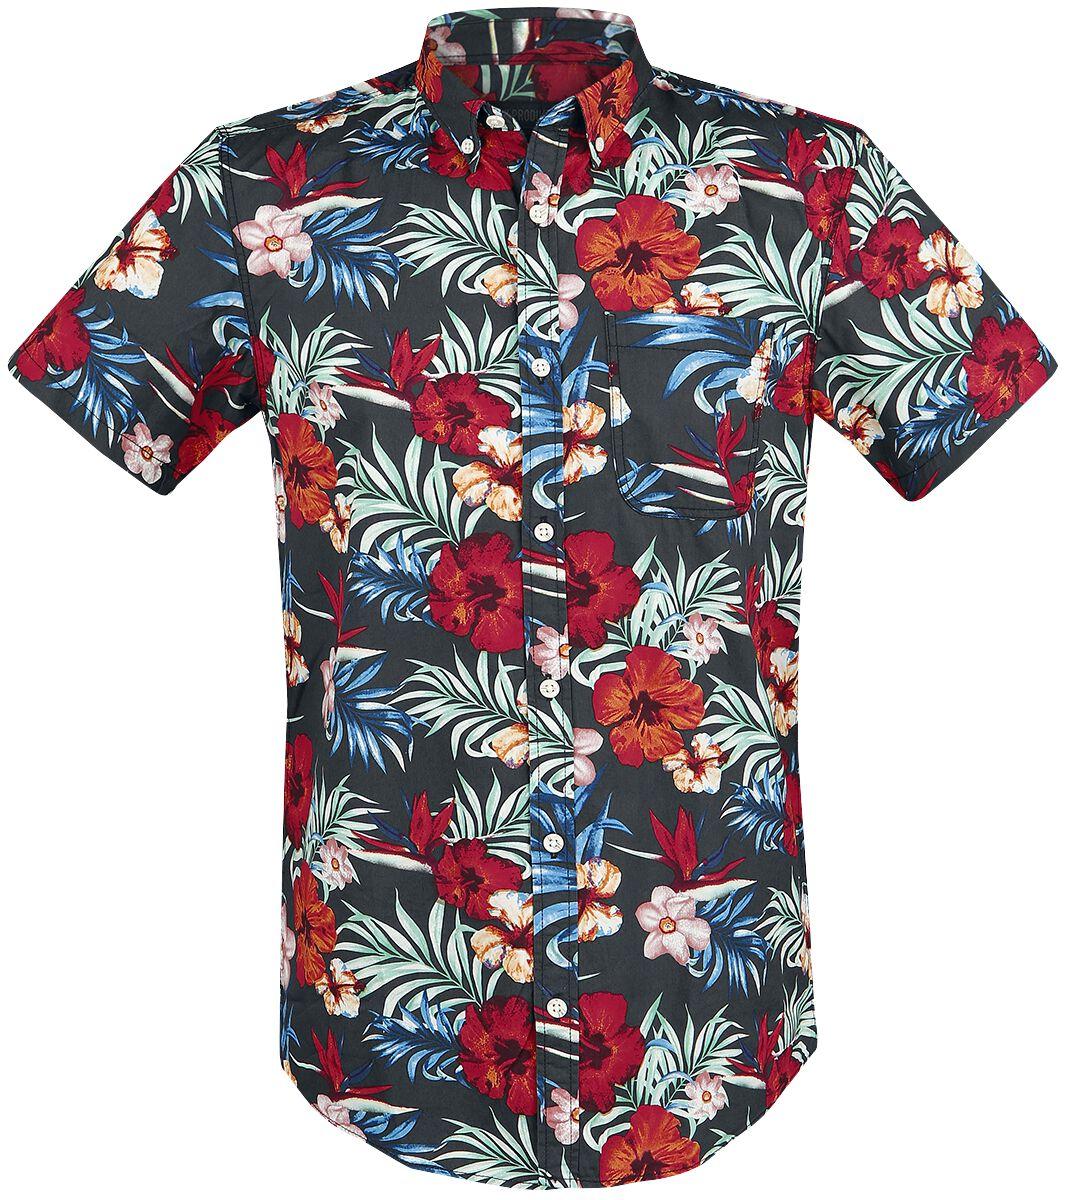 Marki - Koszule z krótkim rękawem - Workershirt Produkt York AOP Shirt Workershirt wielokolorowy - 365794